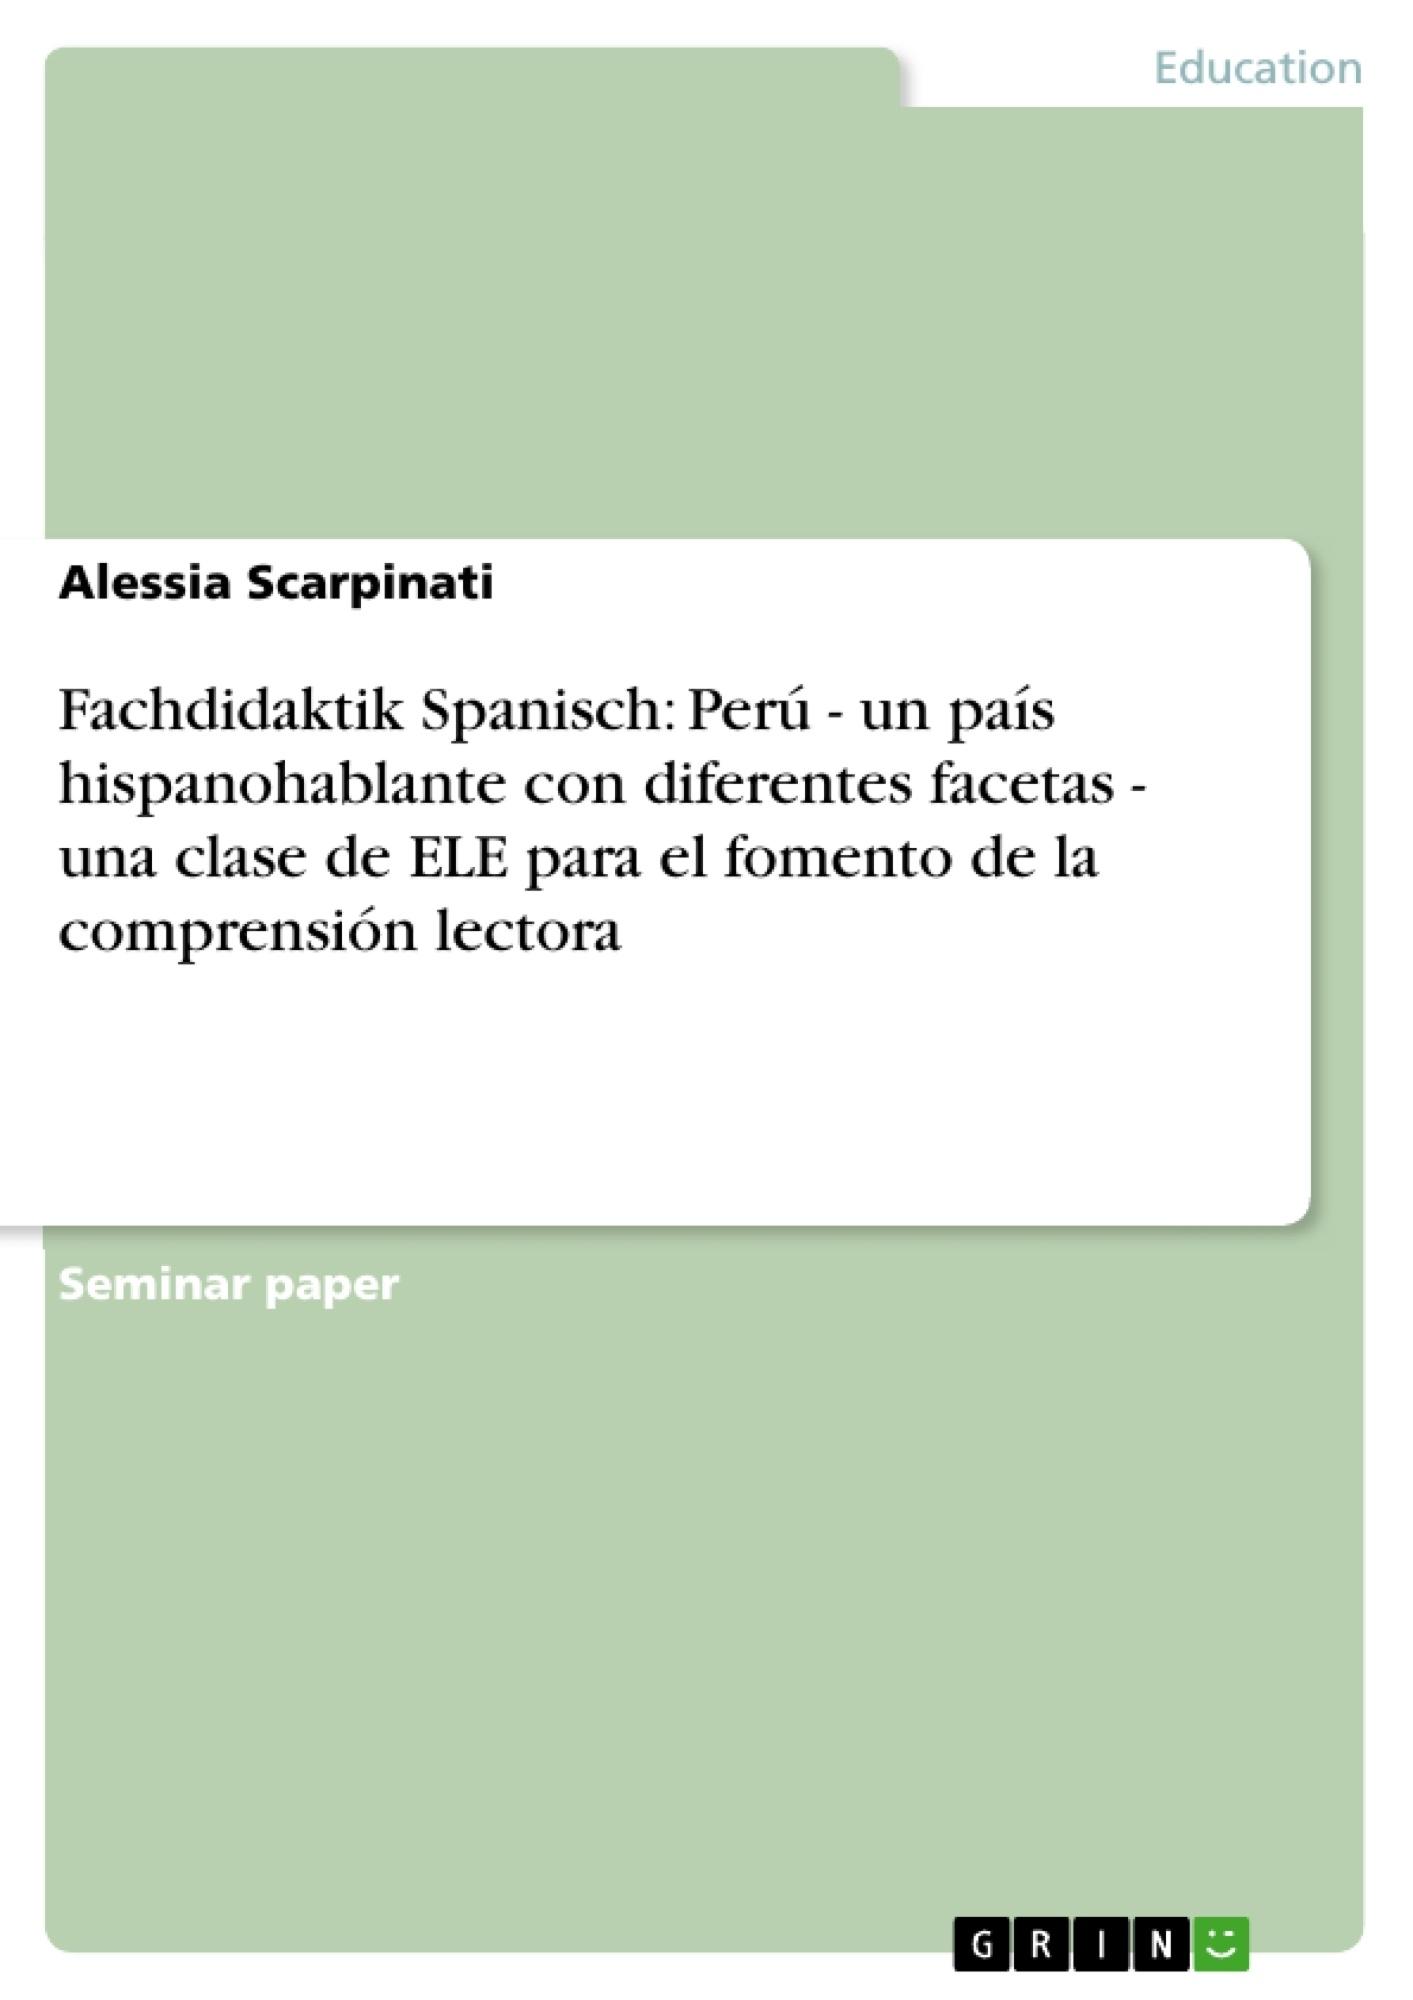 Título: Fachdidaktik Spanisch: Perú - un país hispanohablante con diferentes facetas - una clase de ELE para el fomento de la comprensión lectora